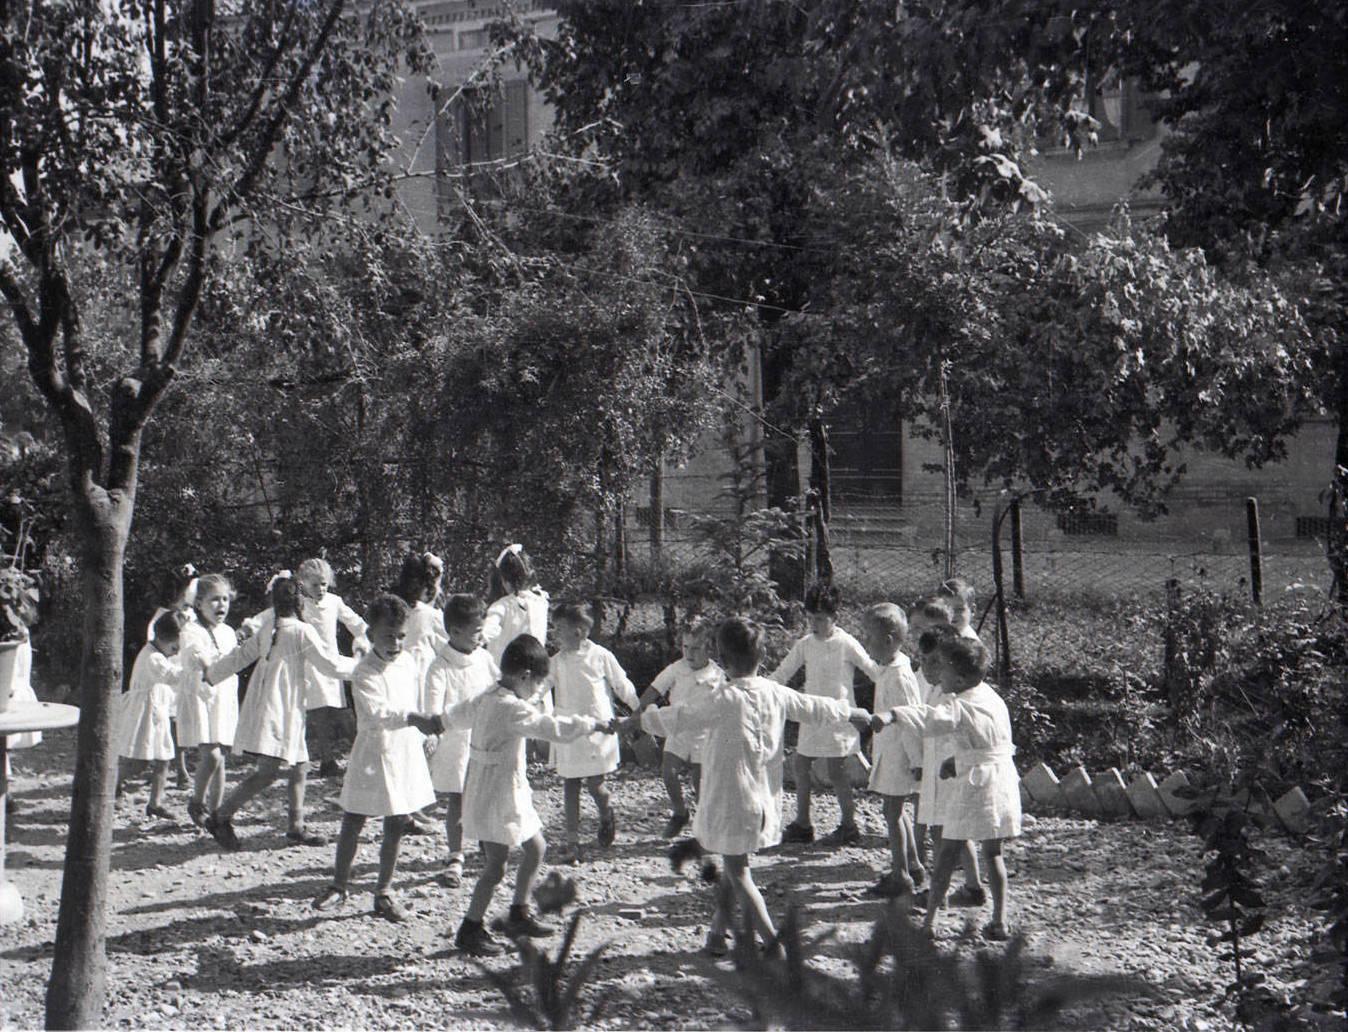 SCUOLE DELL'INFANZIA - BAMBINI DI UNA SCUOLA MATERNA ARCHIVIO SCUOLE E NIDI D'INFANZIA – ISTITUZIONE DEL COMUNE DI REGGIO EMILIA, REGGIO EMILIA 1949